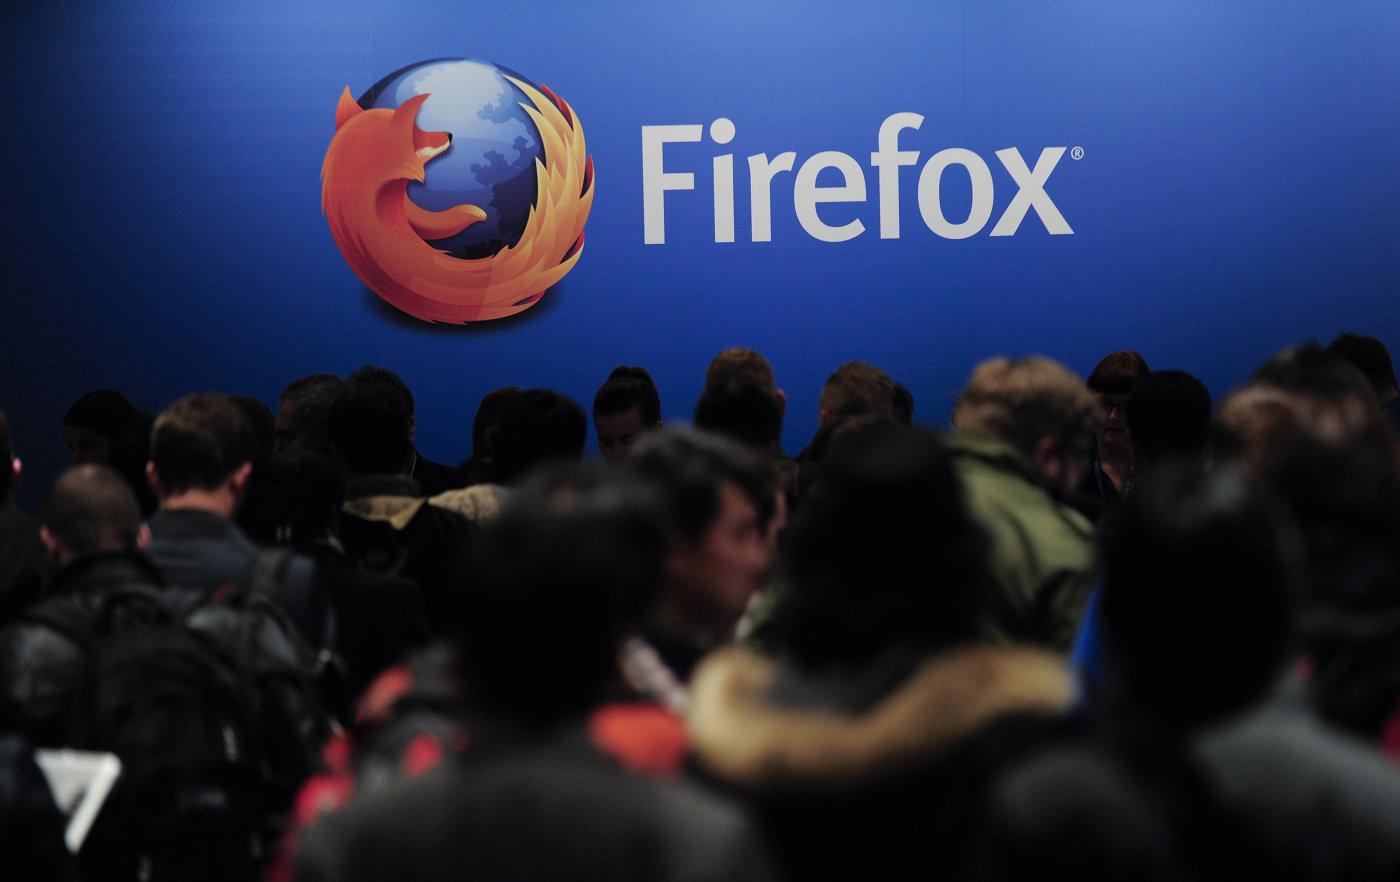 Ahora tendrás notificaciones push en Firefox de tus webs favoritas